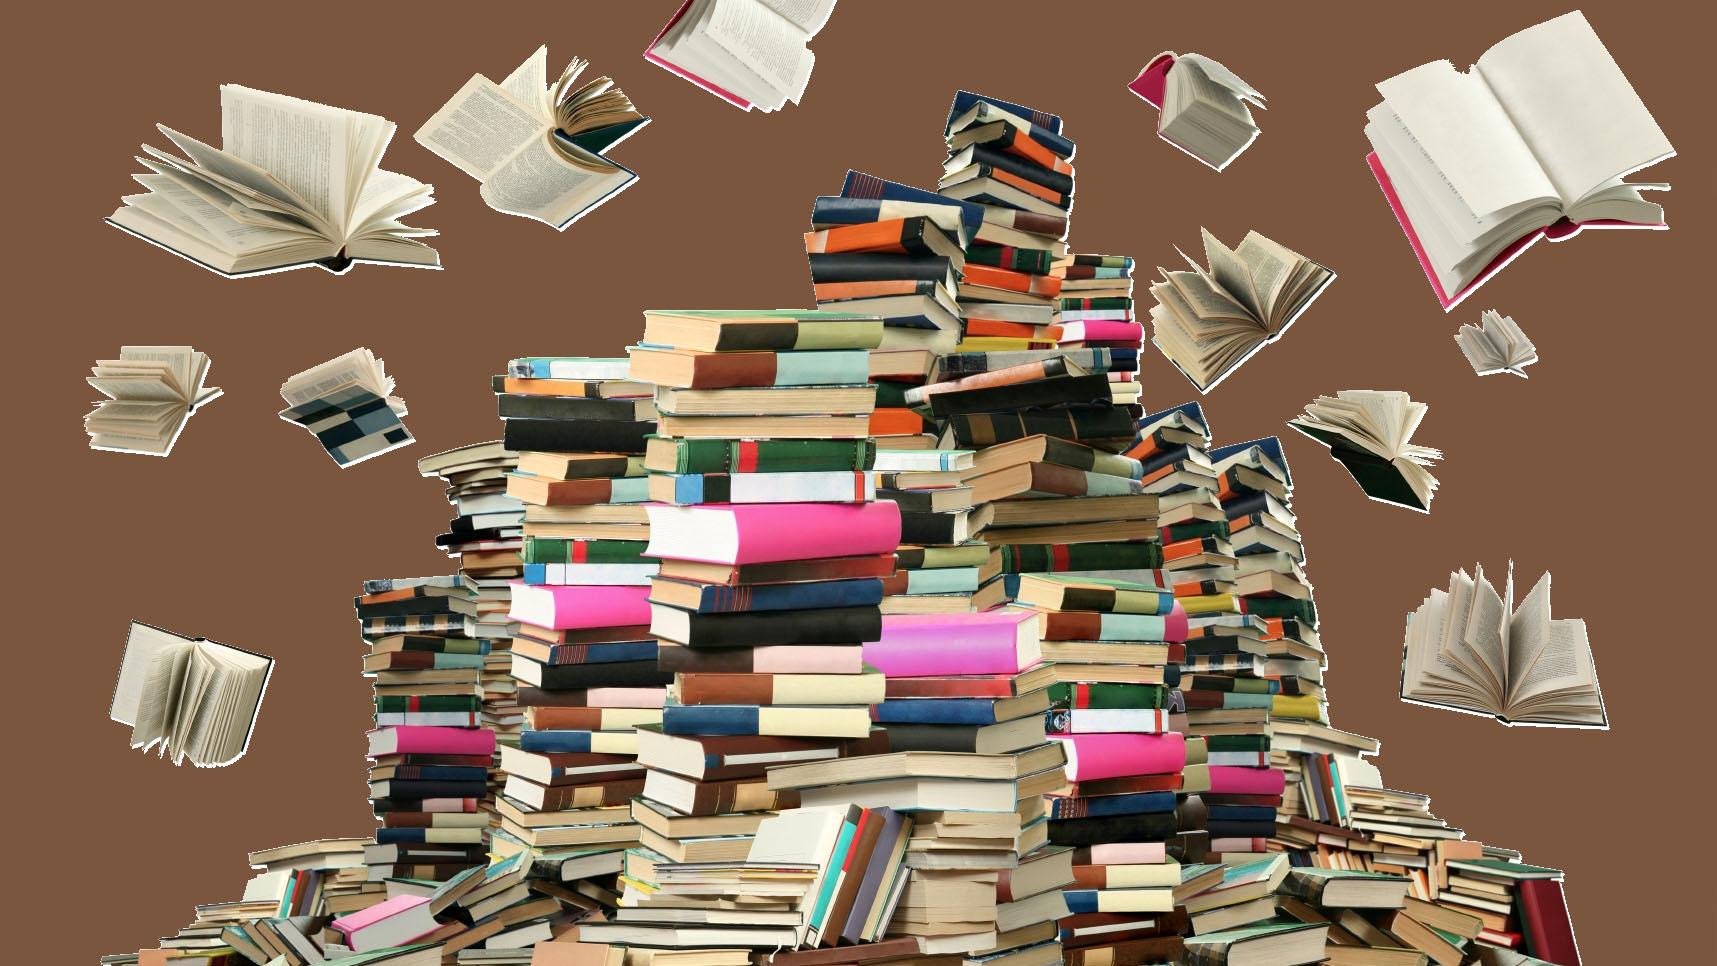 Wer Bücher liest, kommt weit herum. Noch mehr Spass macht das, wenn man über die Kopfreisen reden kann.